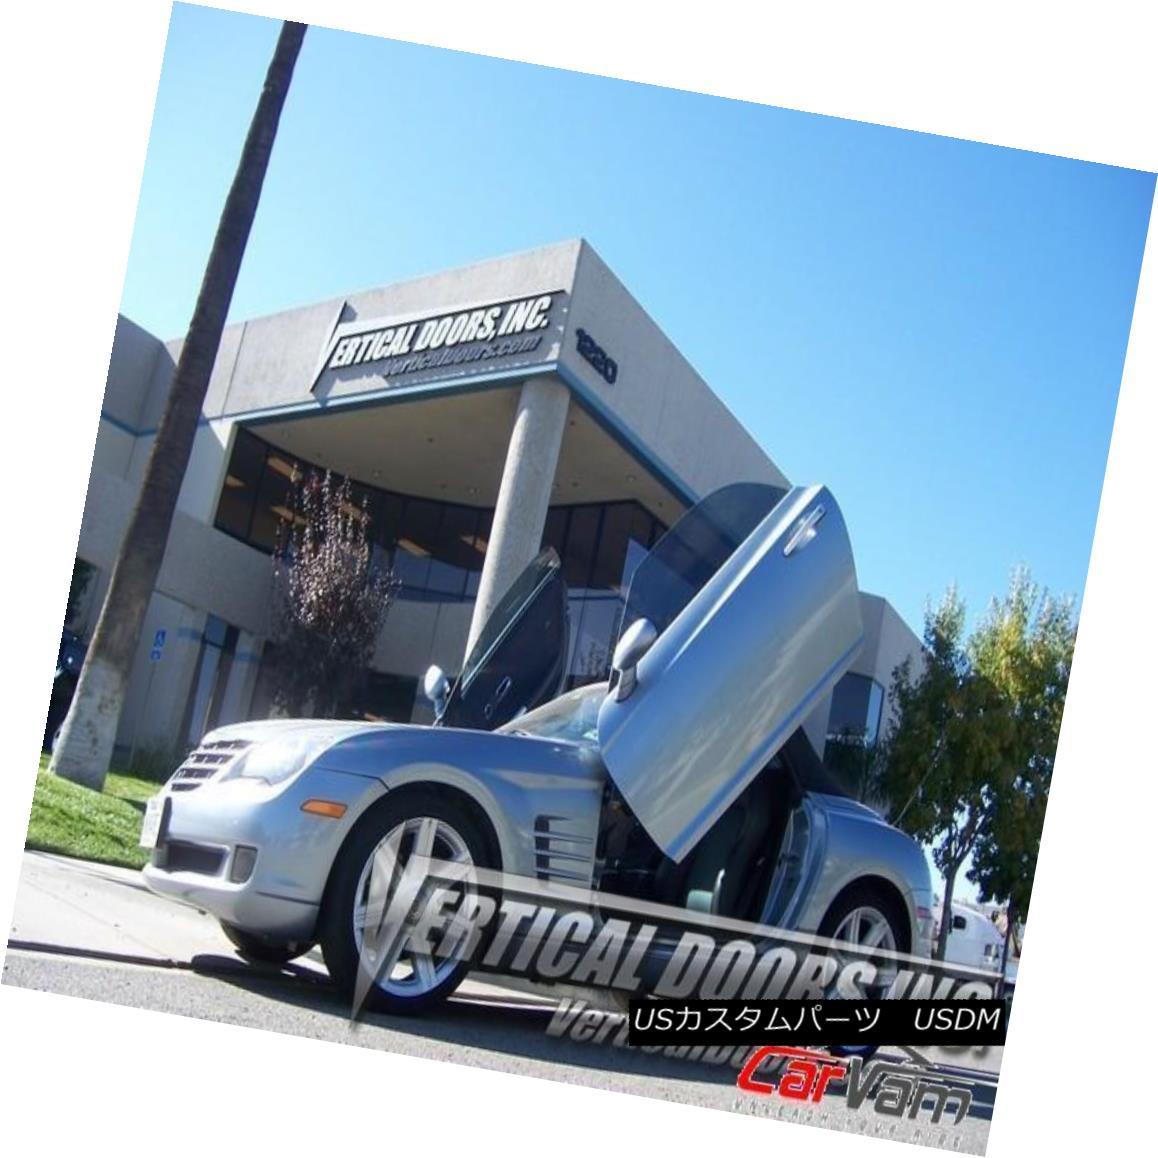 ガルウィングキット Vertical Doors - Vertical Lambo Door Kit For Chrysler Crossfire 2004-08 2DR 垂直ドア - クライスラーCrossfire 2004-08 2DRのための垂直Lamboドアキット